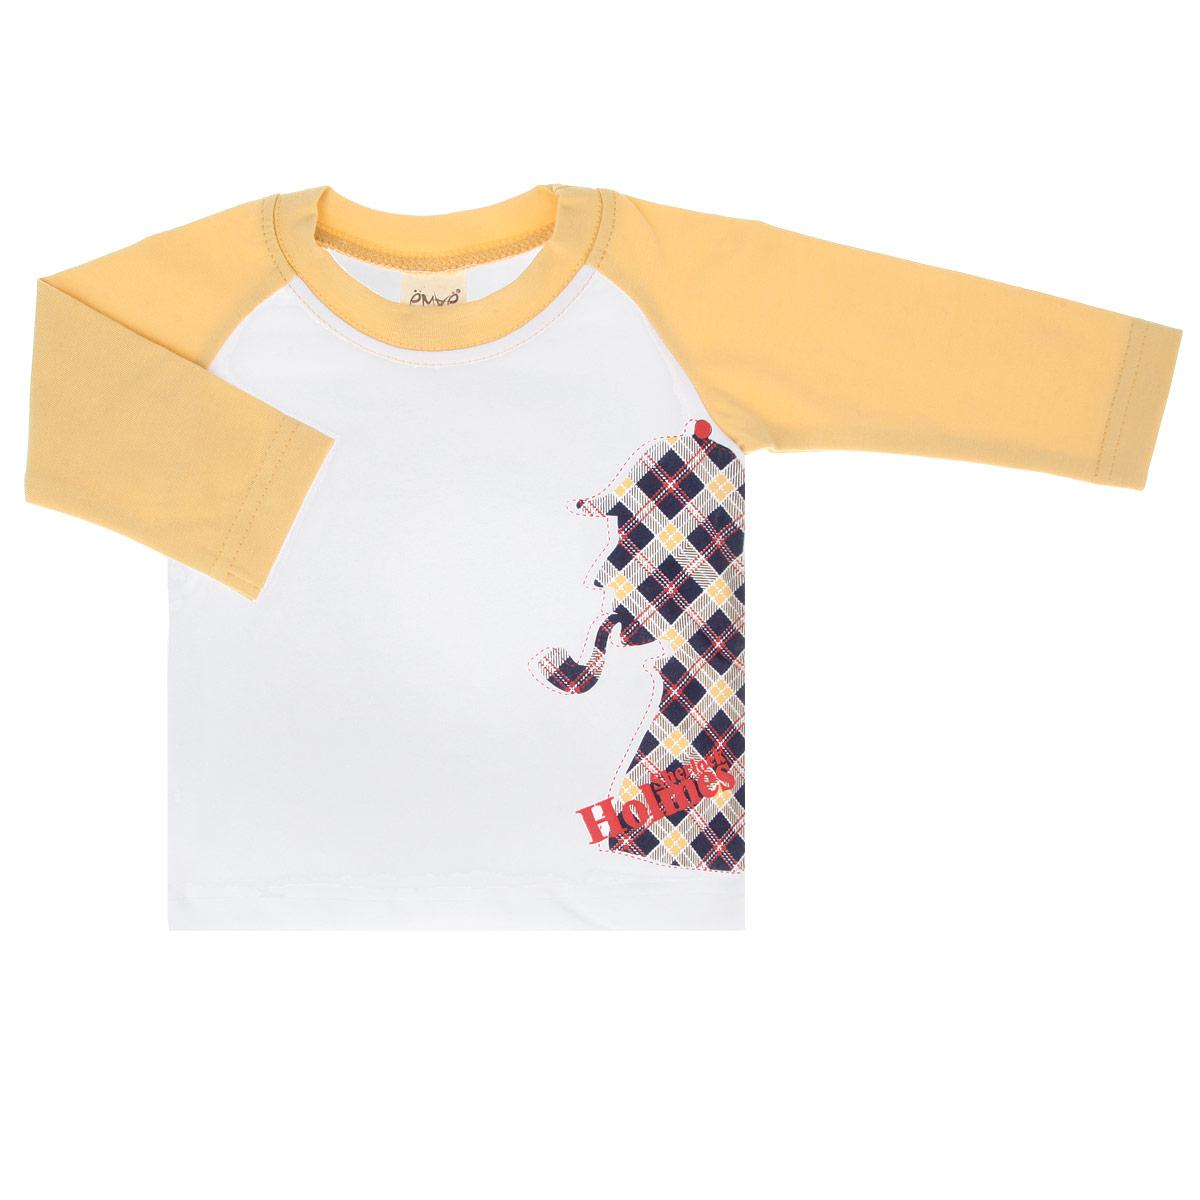 Футболка с длинным рукавом для мальчика. 27-61227-612Стильная футболка для мальчика Ёмаё с длинным рукавом идеально подойдет вашему малышу. Изготовленная из эластичного хлопка, она необычайно мягкая и приятная на ощупь, не сковывает движения ребенка и позволяет коже дышать, не раздражает даже самую нежную и чувствительную кожу, обеспечивая наибольший комфорт. Футболка с длинными рукавами-реглан и круглым вырезом горловины спереди оформлена оригинальной термоаппликацией в виде силуэта Шерлока Холмса. Вырез горловины дополнен трикотажной эластичной резинкой. Оригинальный современный дизайн и расцветка делают эту футболку модным и стильным предметом детского гардероба. В ней ваш маленький модник будет чувствовать себя уютно и комфортно, и всегда будет в центре внимания!